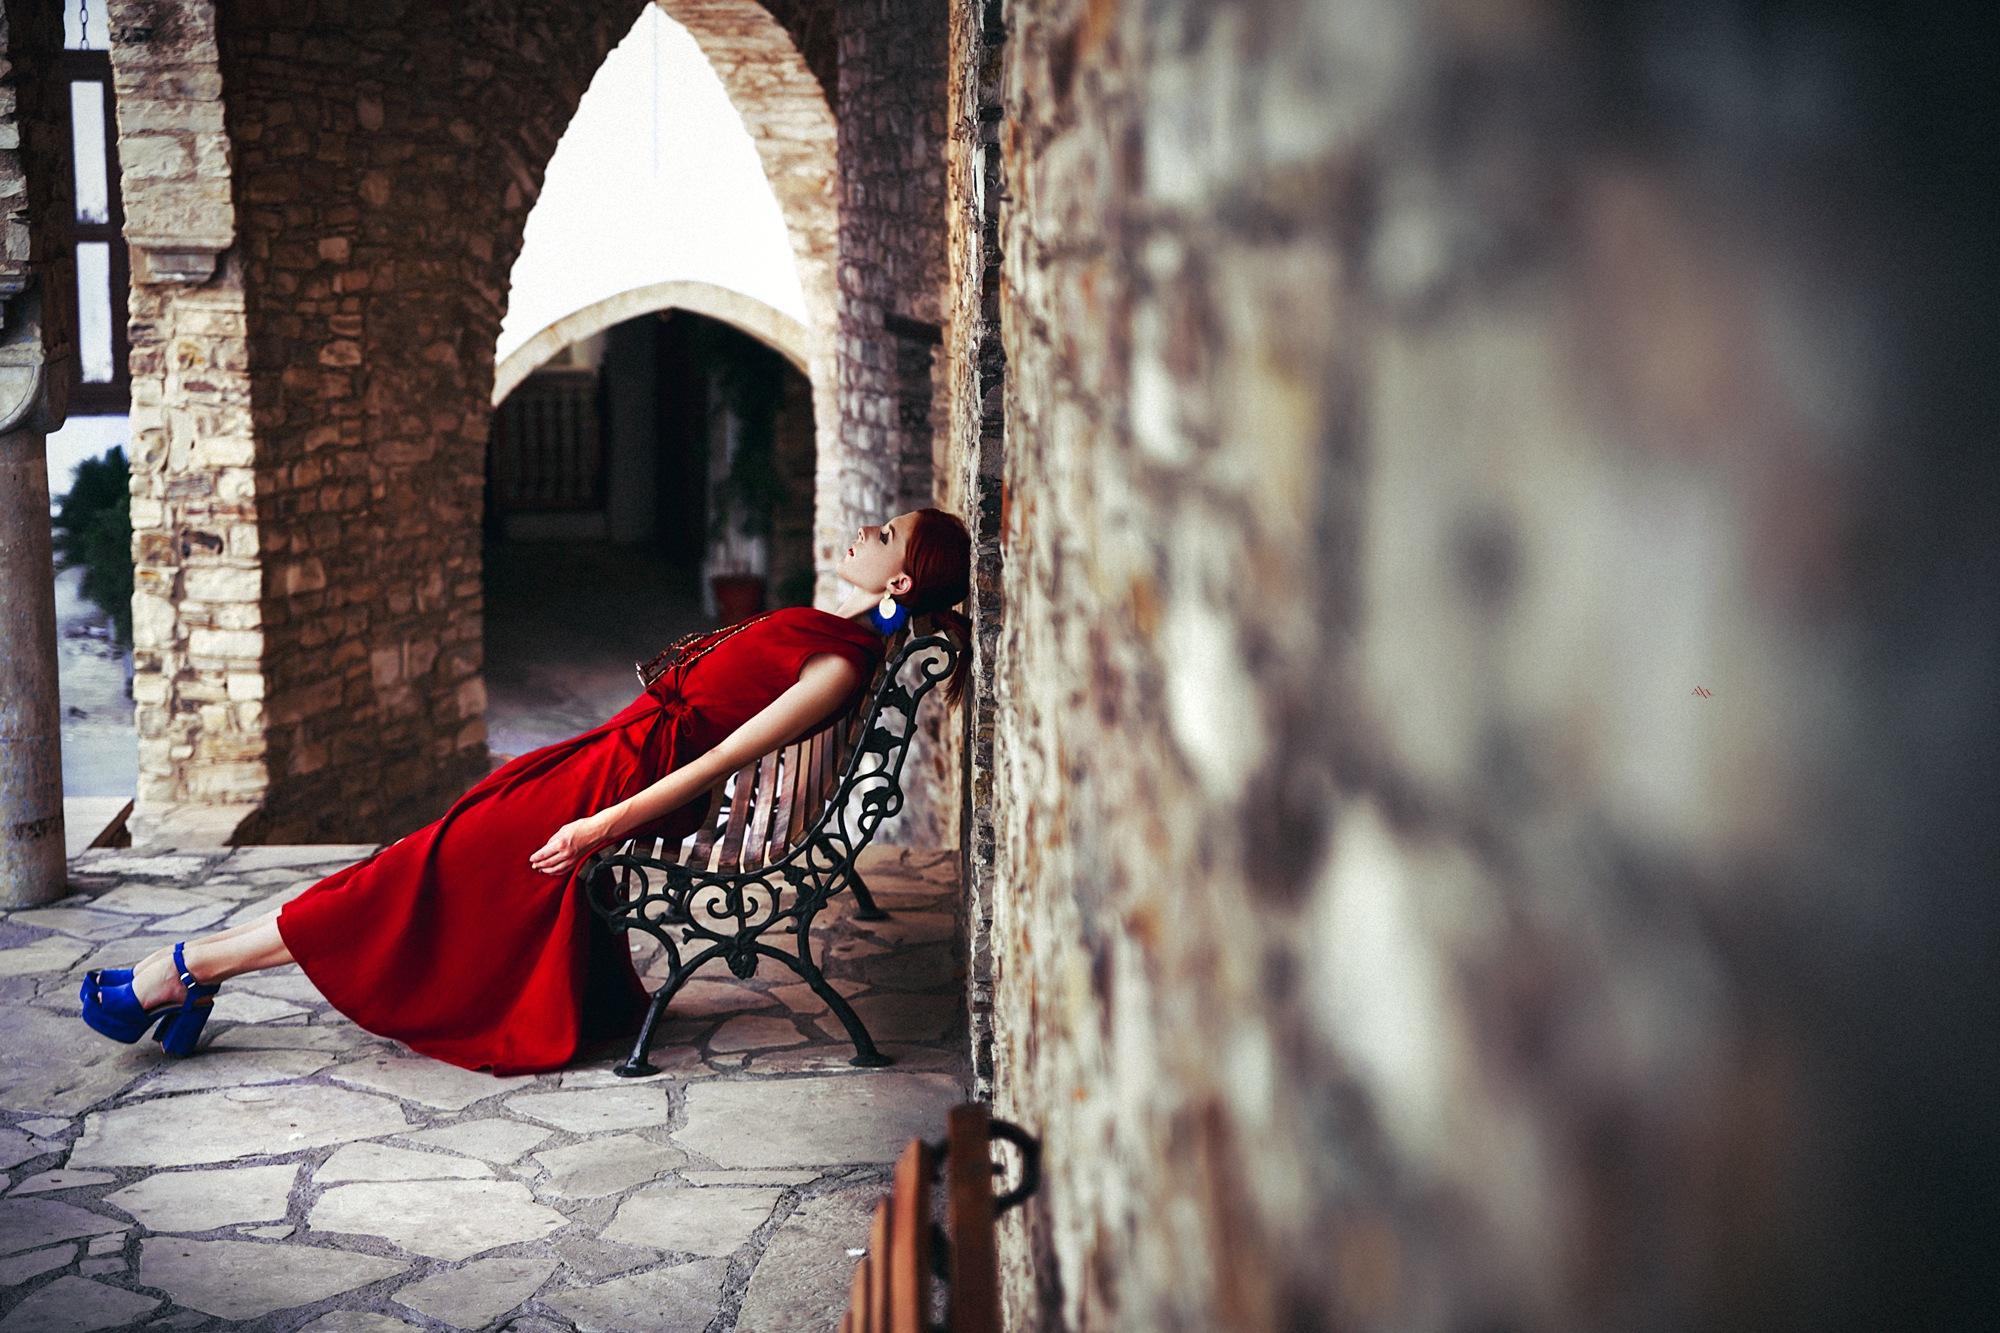 Lefkara fashion  by Ruslan  Bolgov (Axe Photography)